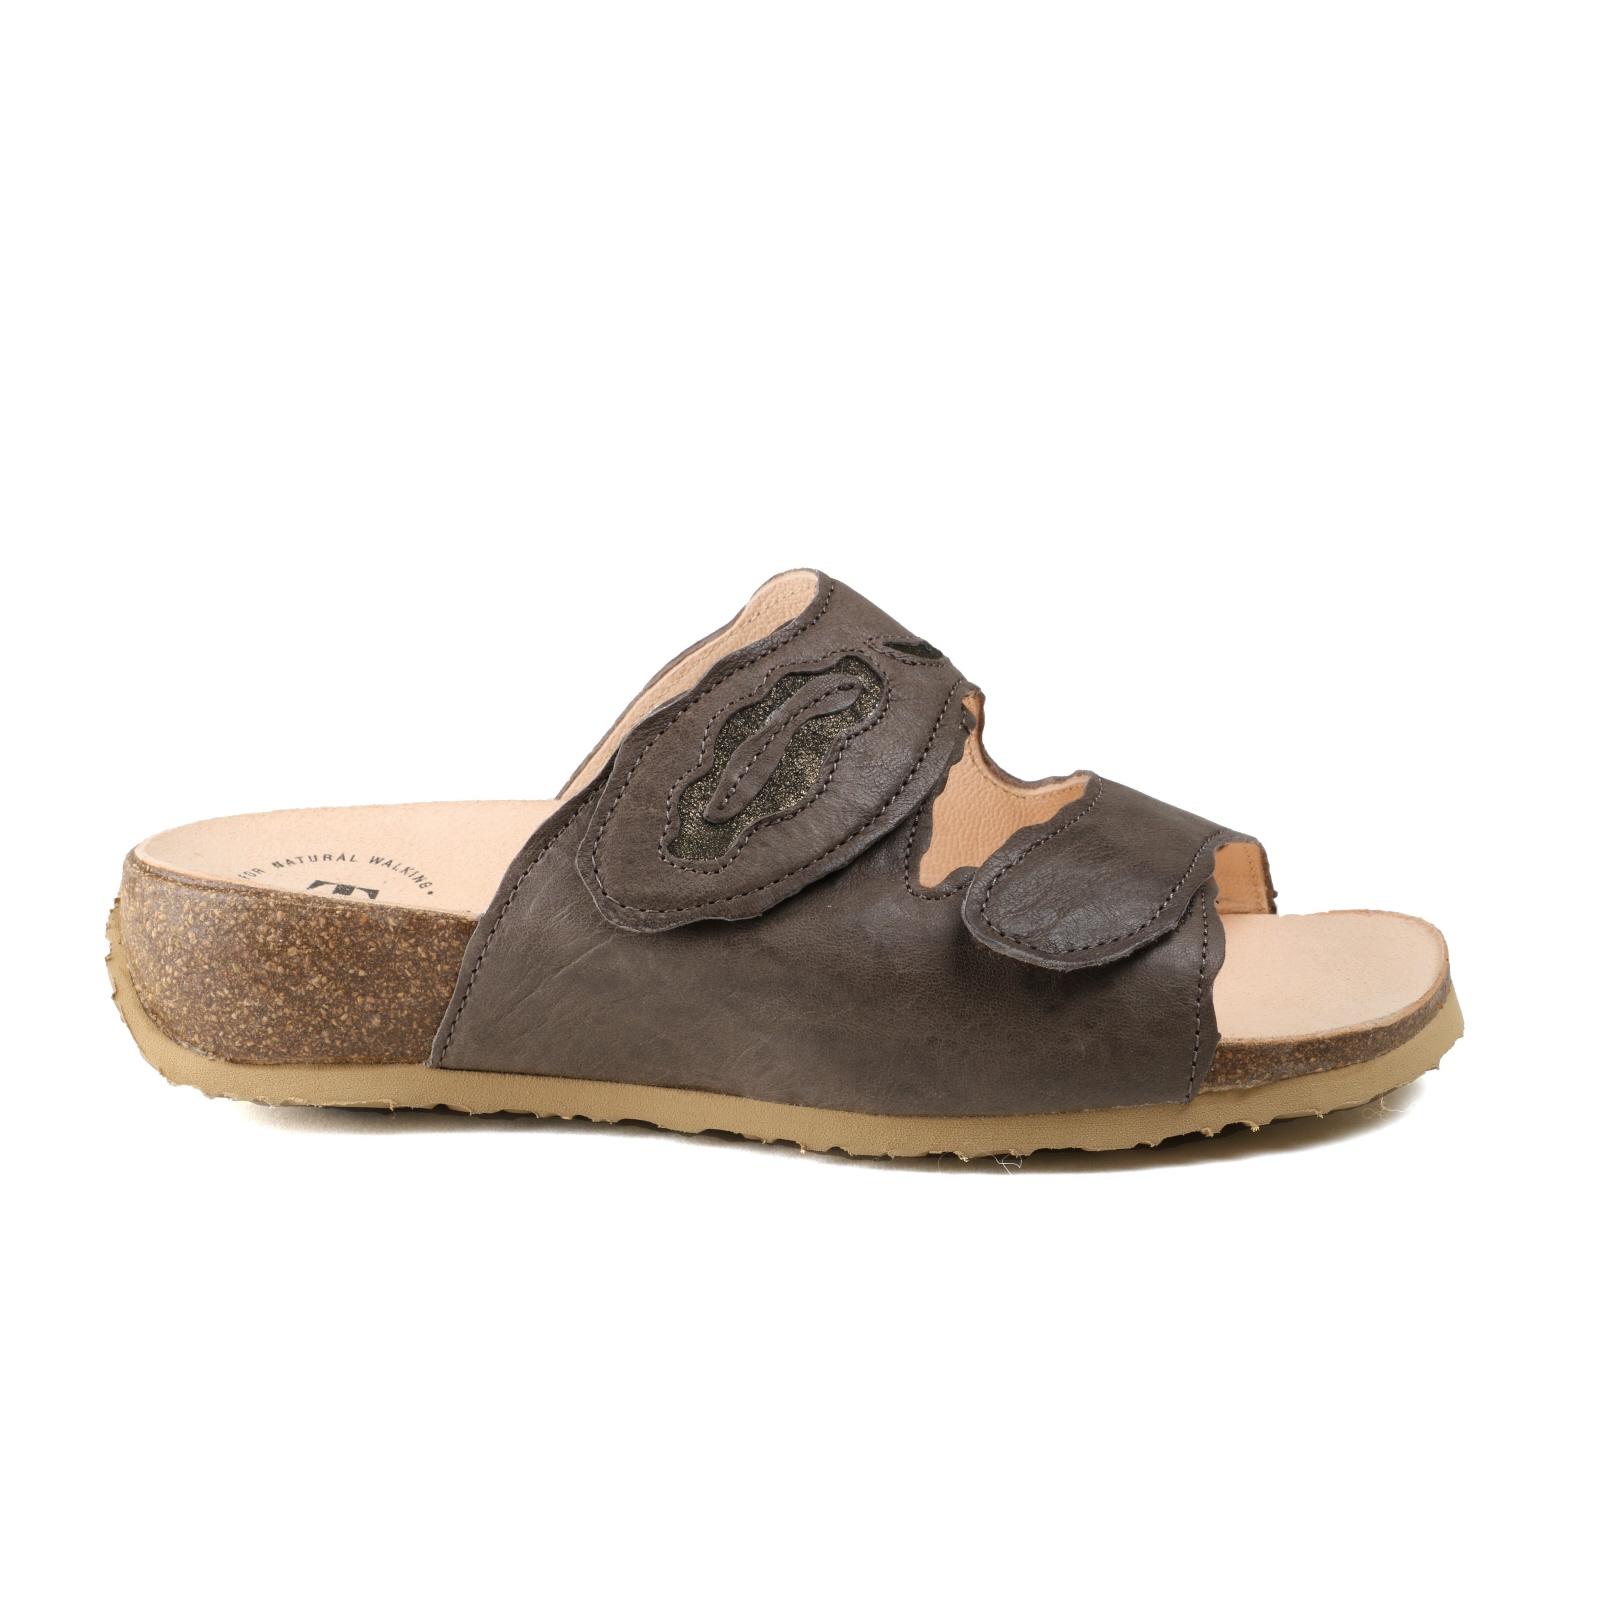 kvinnor kvinnor kvinnor Sandal tror MIZZI, Velcro gyttfärg Läder ny storlek 40  högkvalitativ äkta